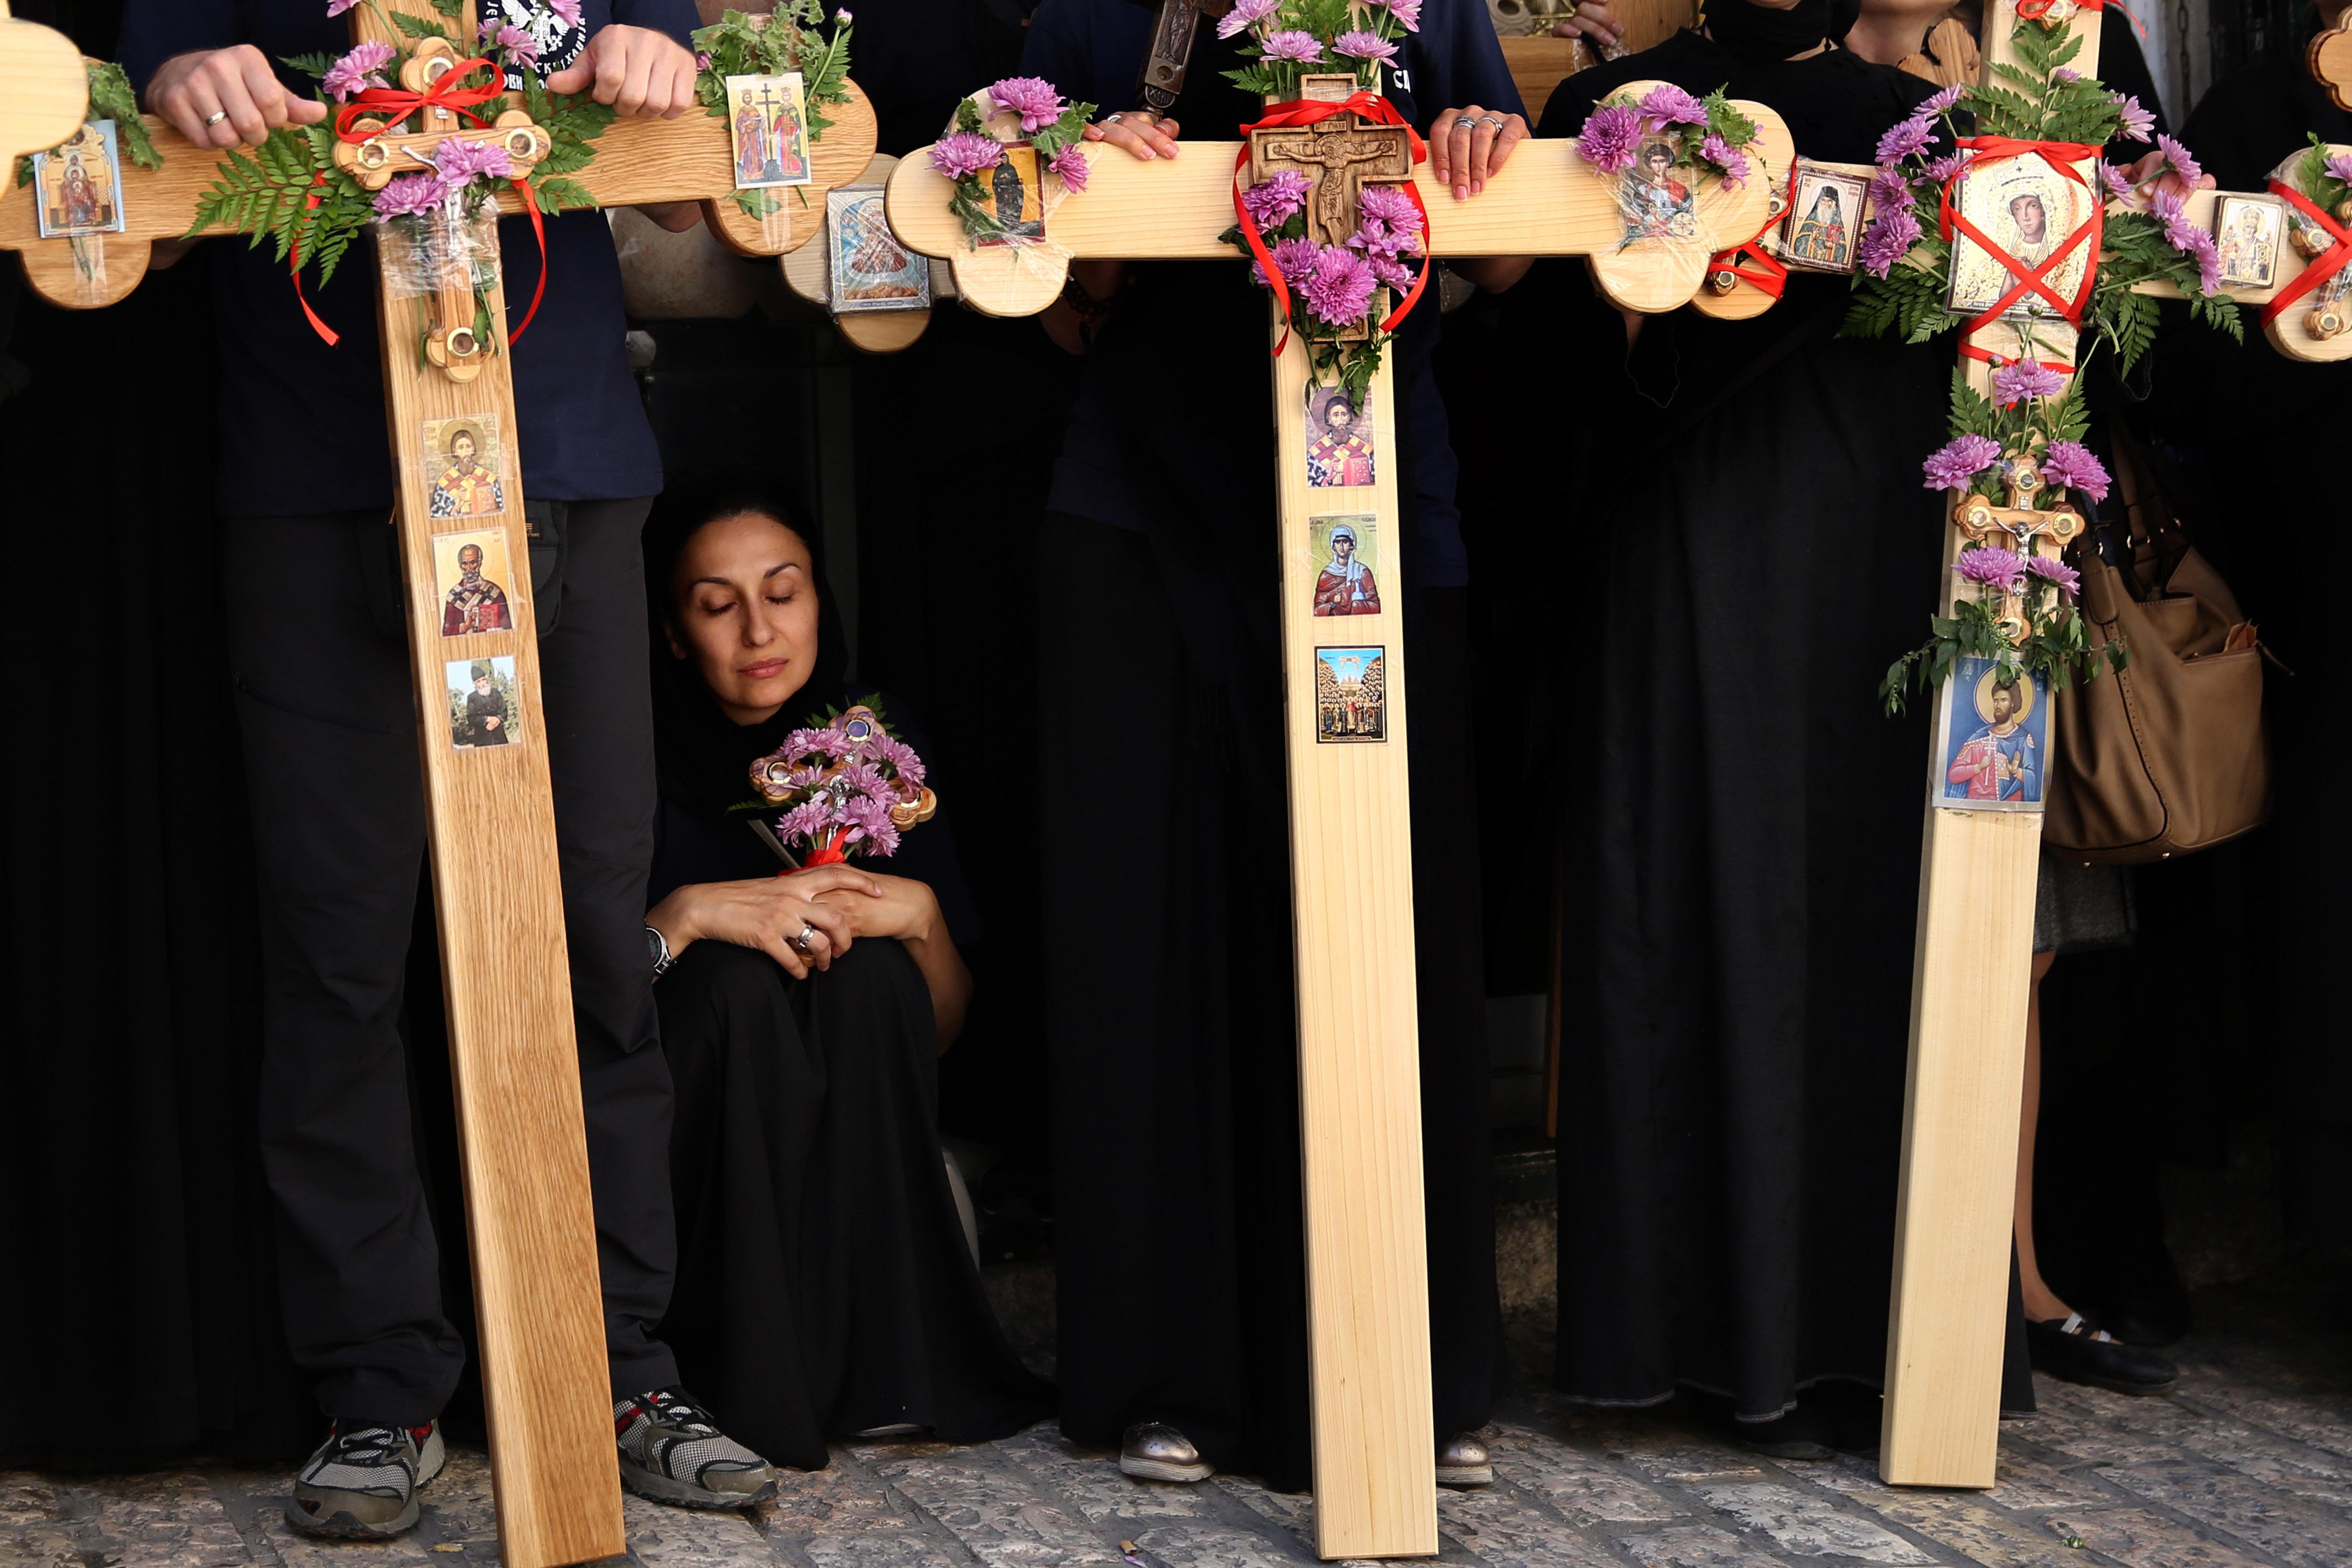 مسيحيون قدموا إلى القدس من أنحاء مختلفة من العالم بمناسبة عيد الفصح.